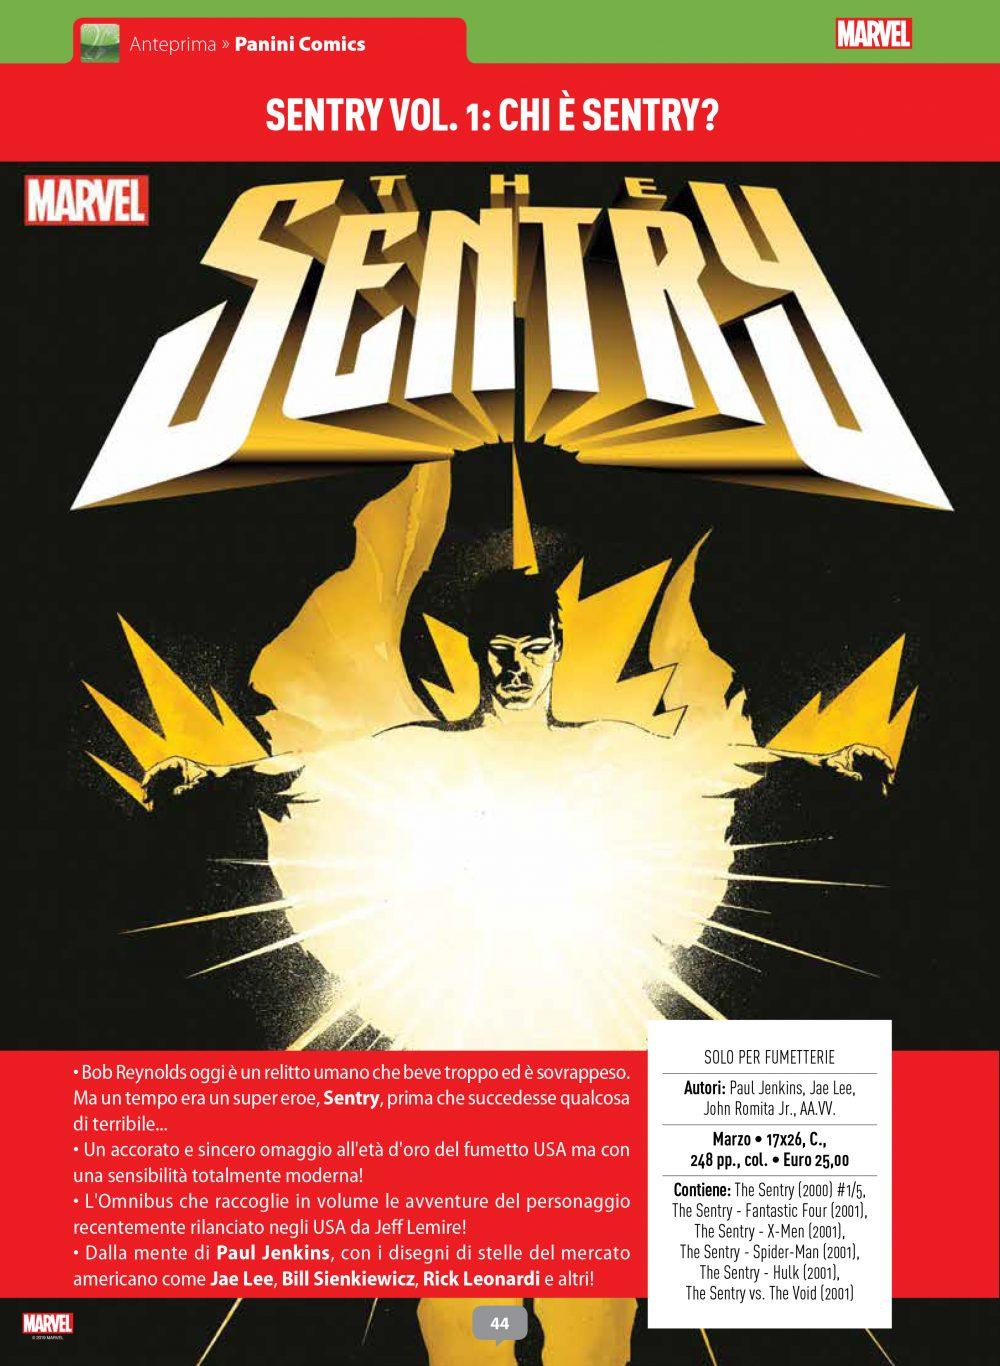 Sentry vol. 1 su Anteprima